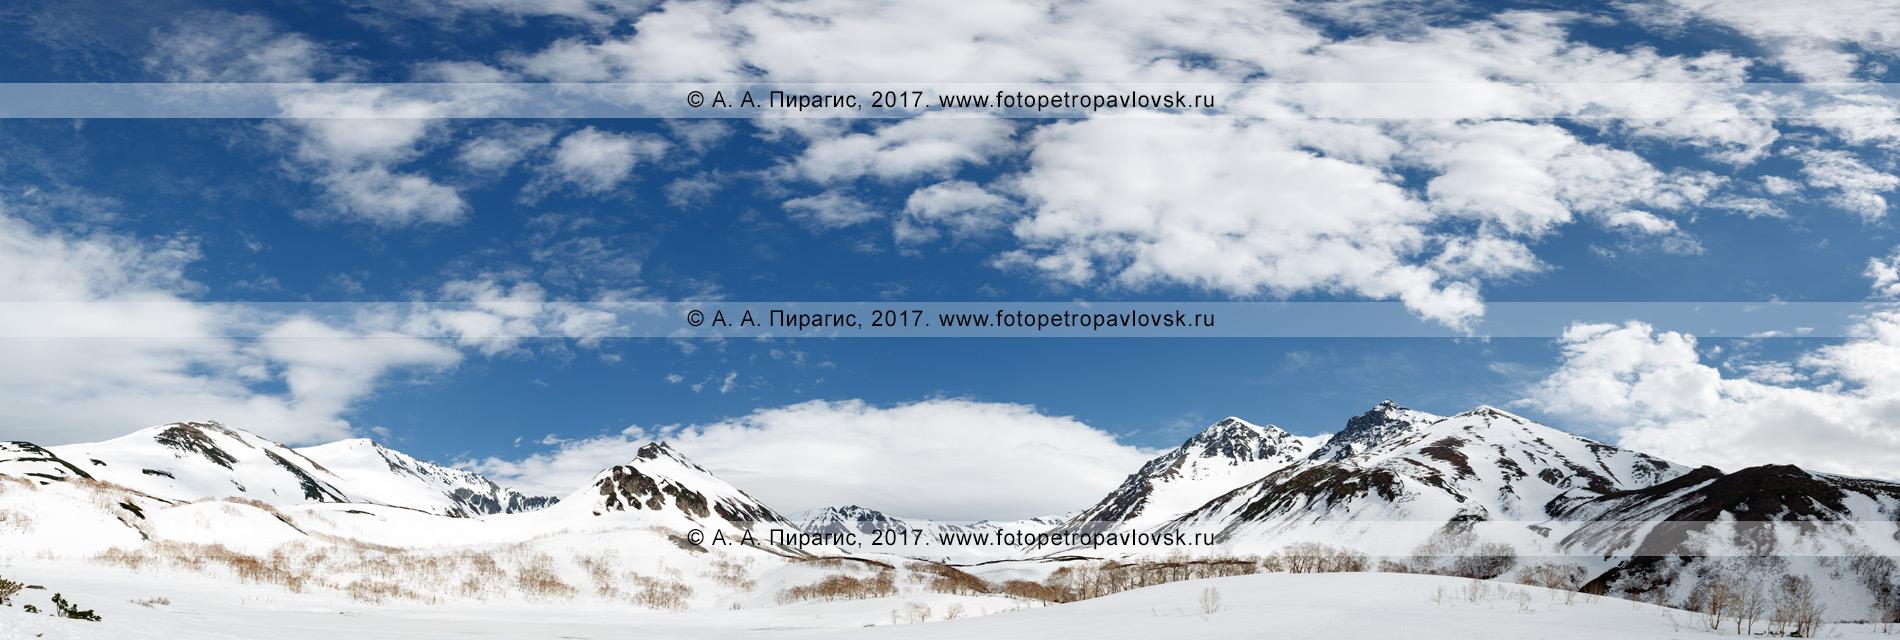 Панорамная фотография: живописный вид на горный массив Вачкажец в Южно-Быстринском хребте на полуострове Камчатка